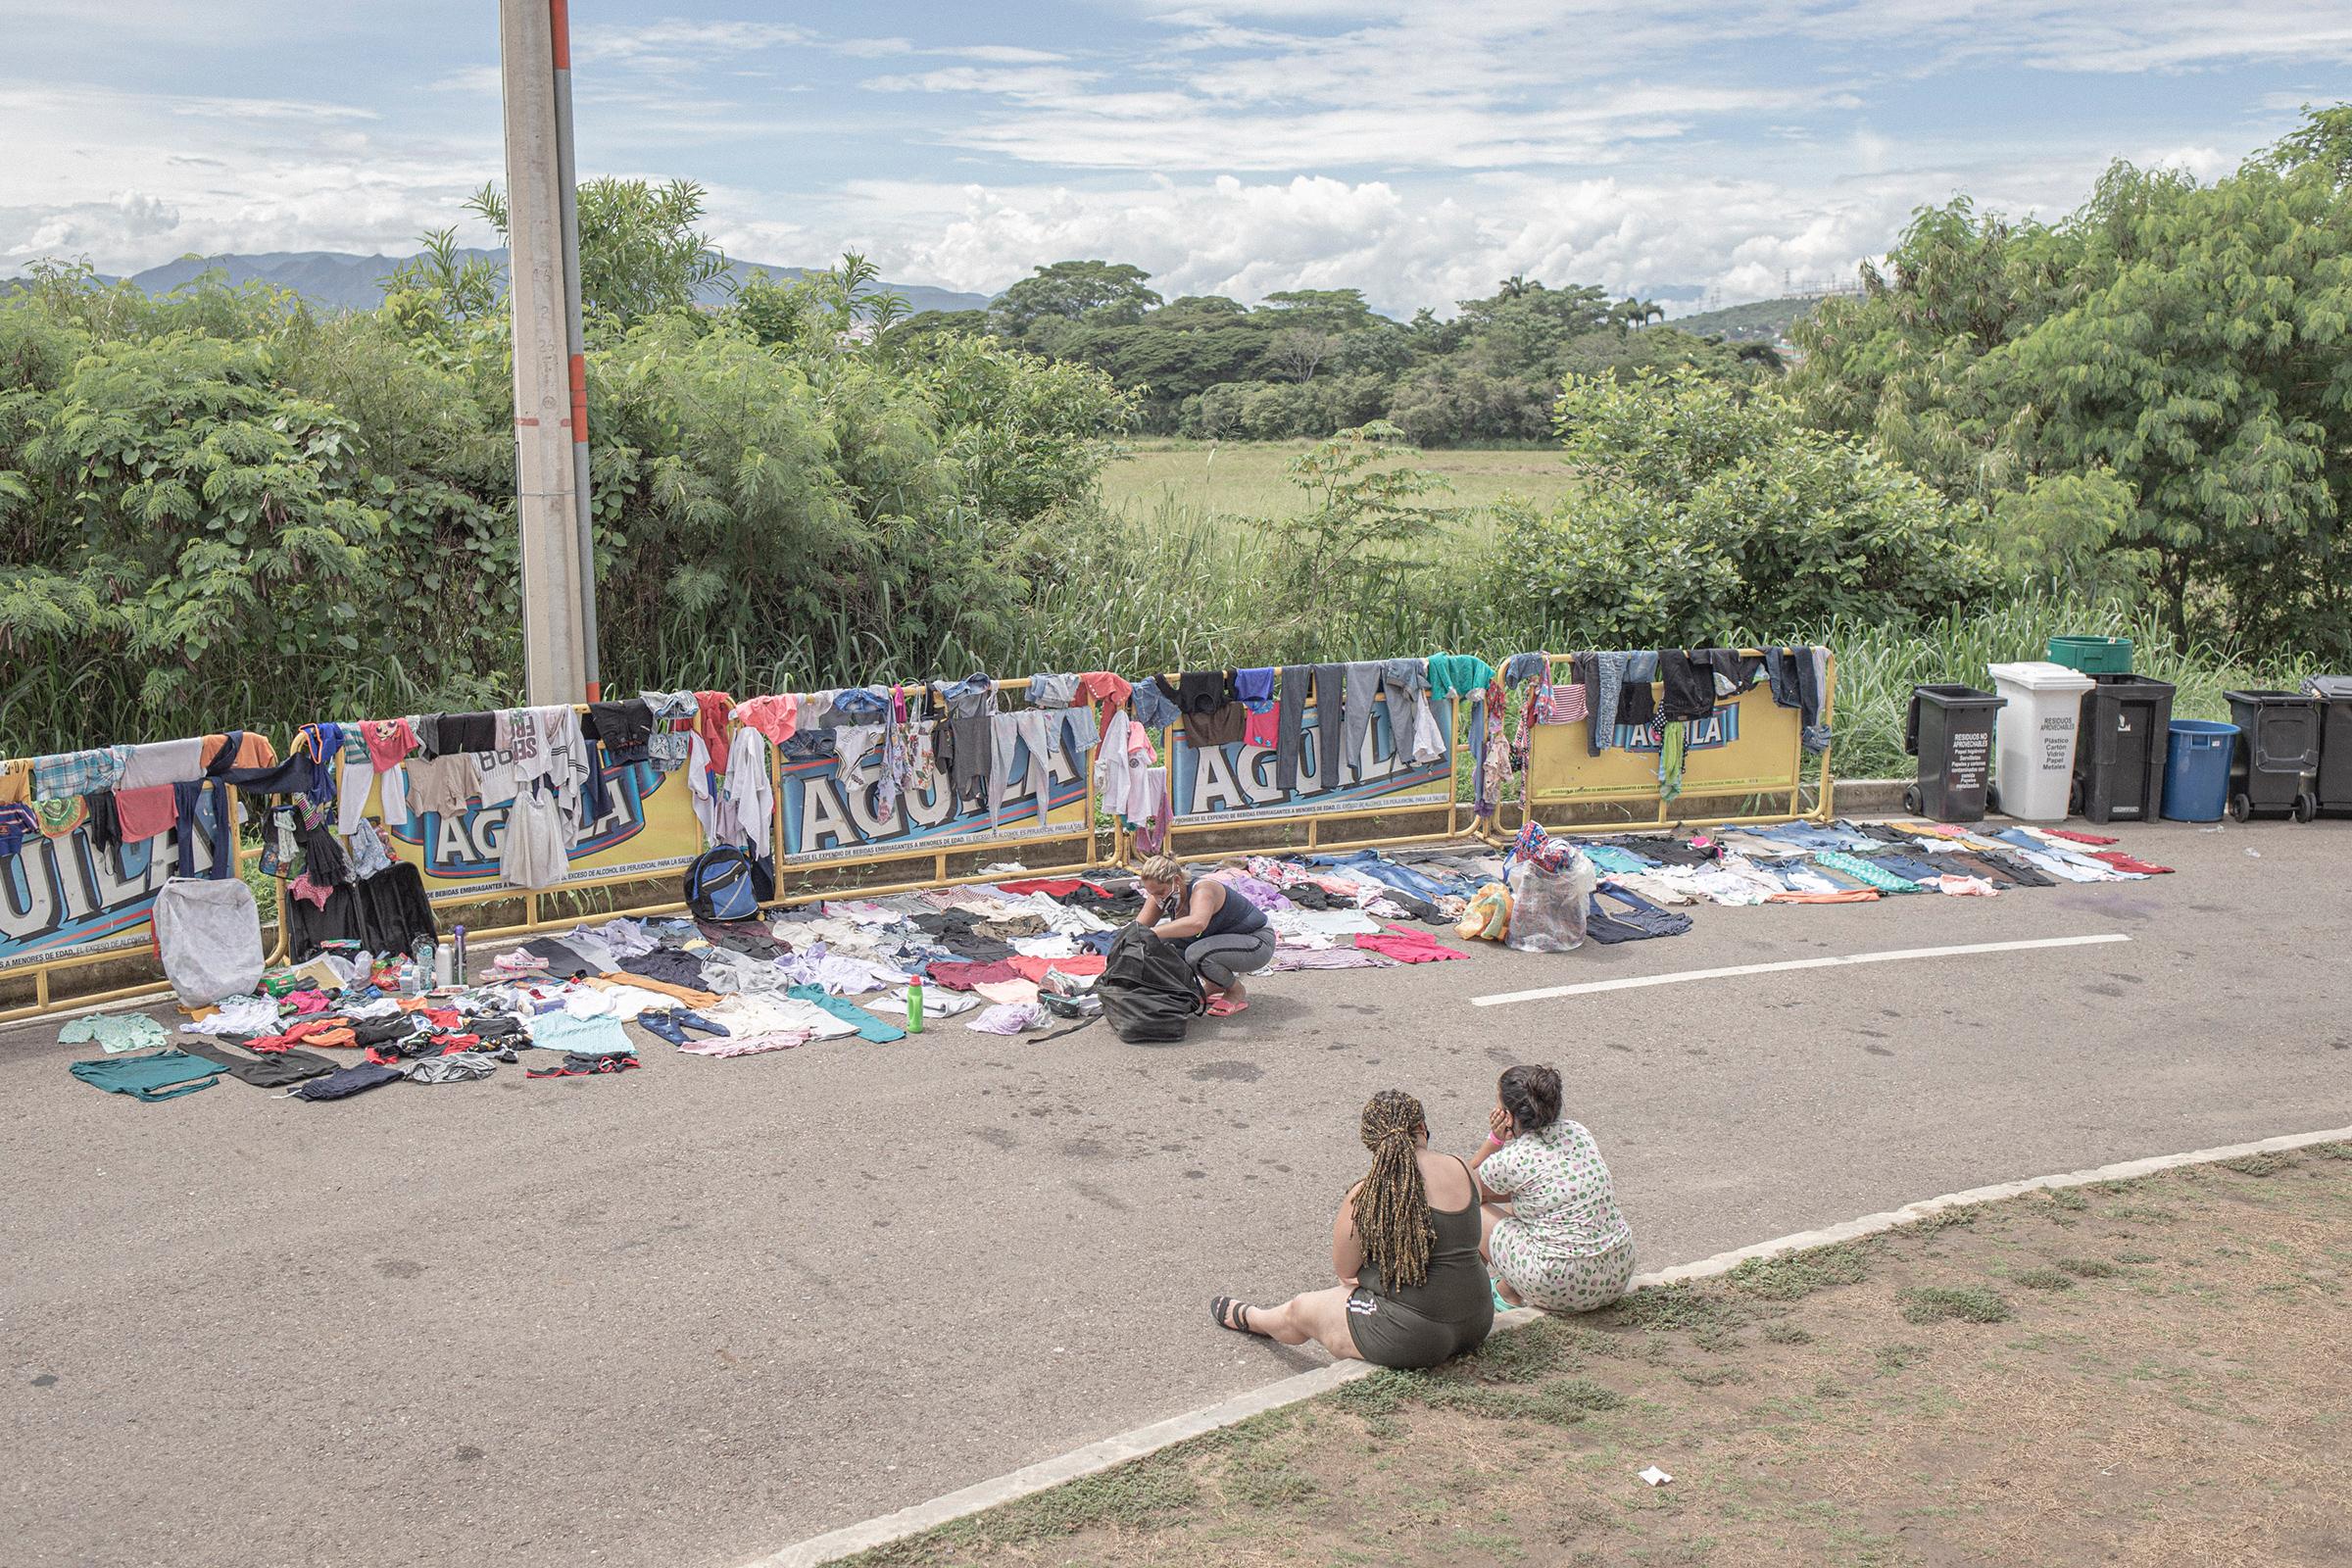 En un campo de retorno de migrantes en C كوك cuta, Colombia, mujeres venezolanas secan la ropa.